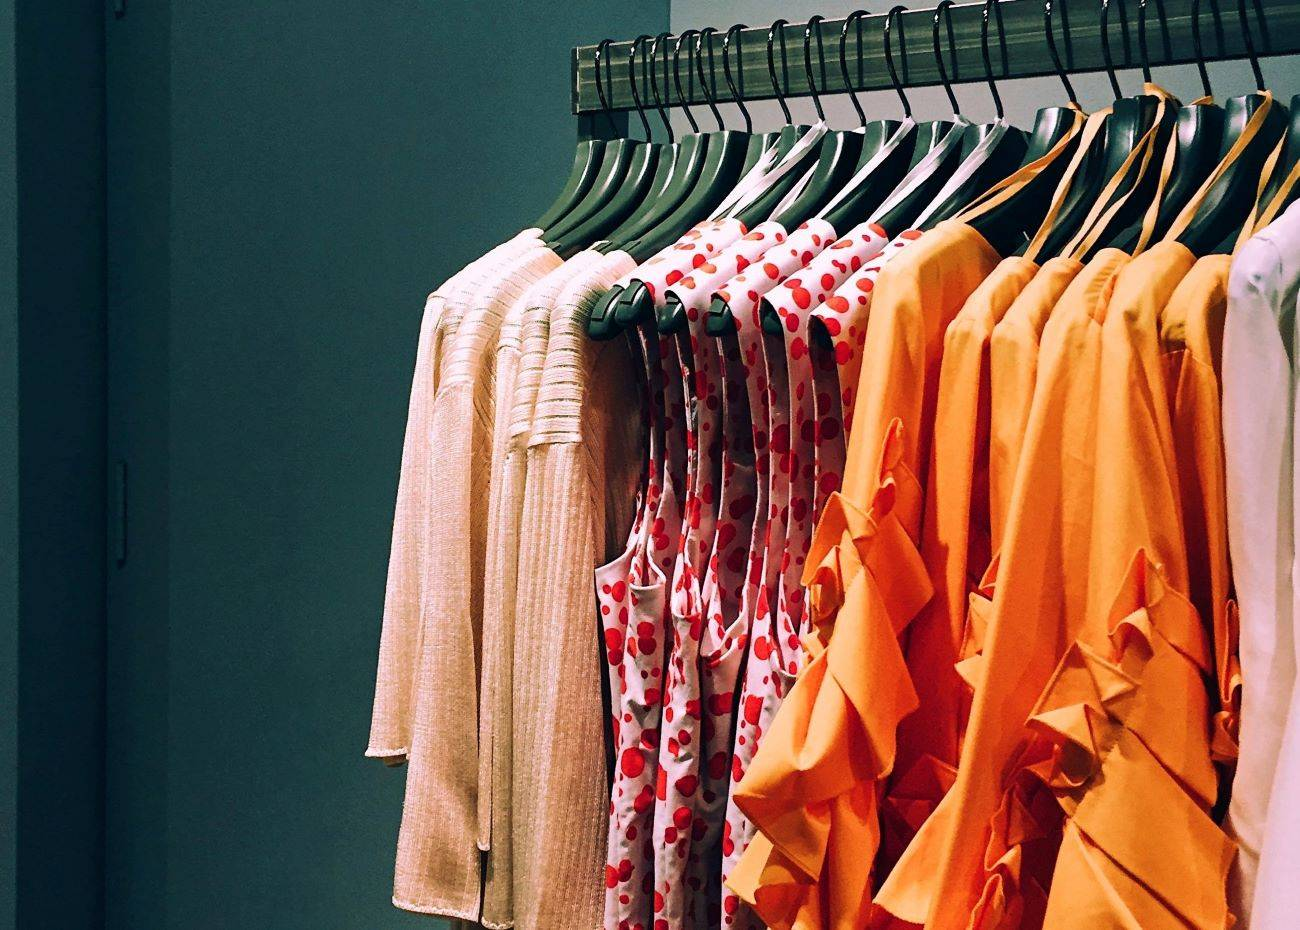 www.juicysantos.com.br - descontos em shoppings de santos no dia livre de impostos